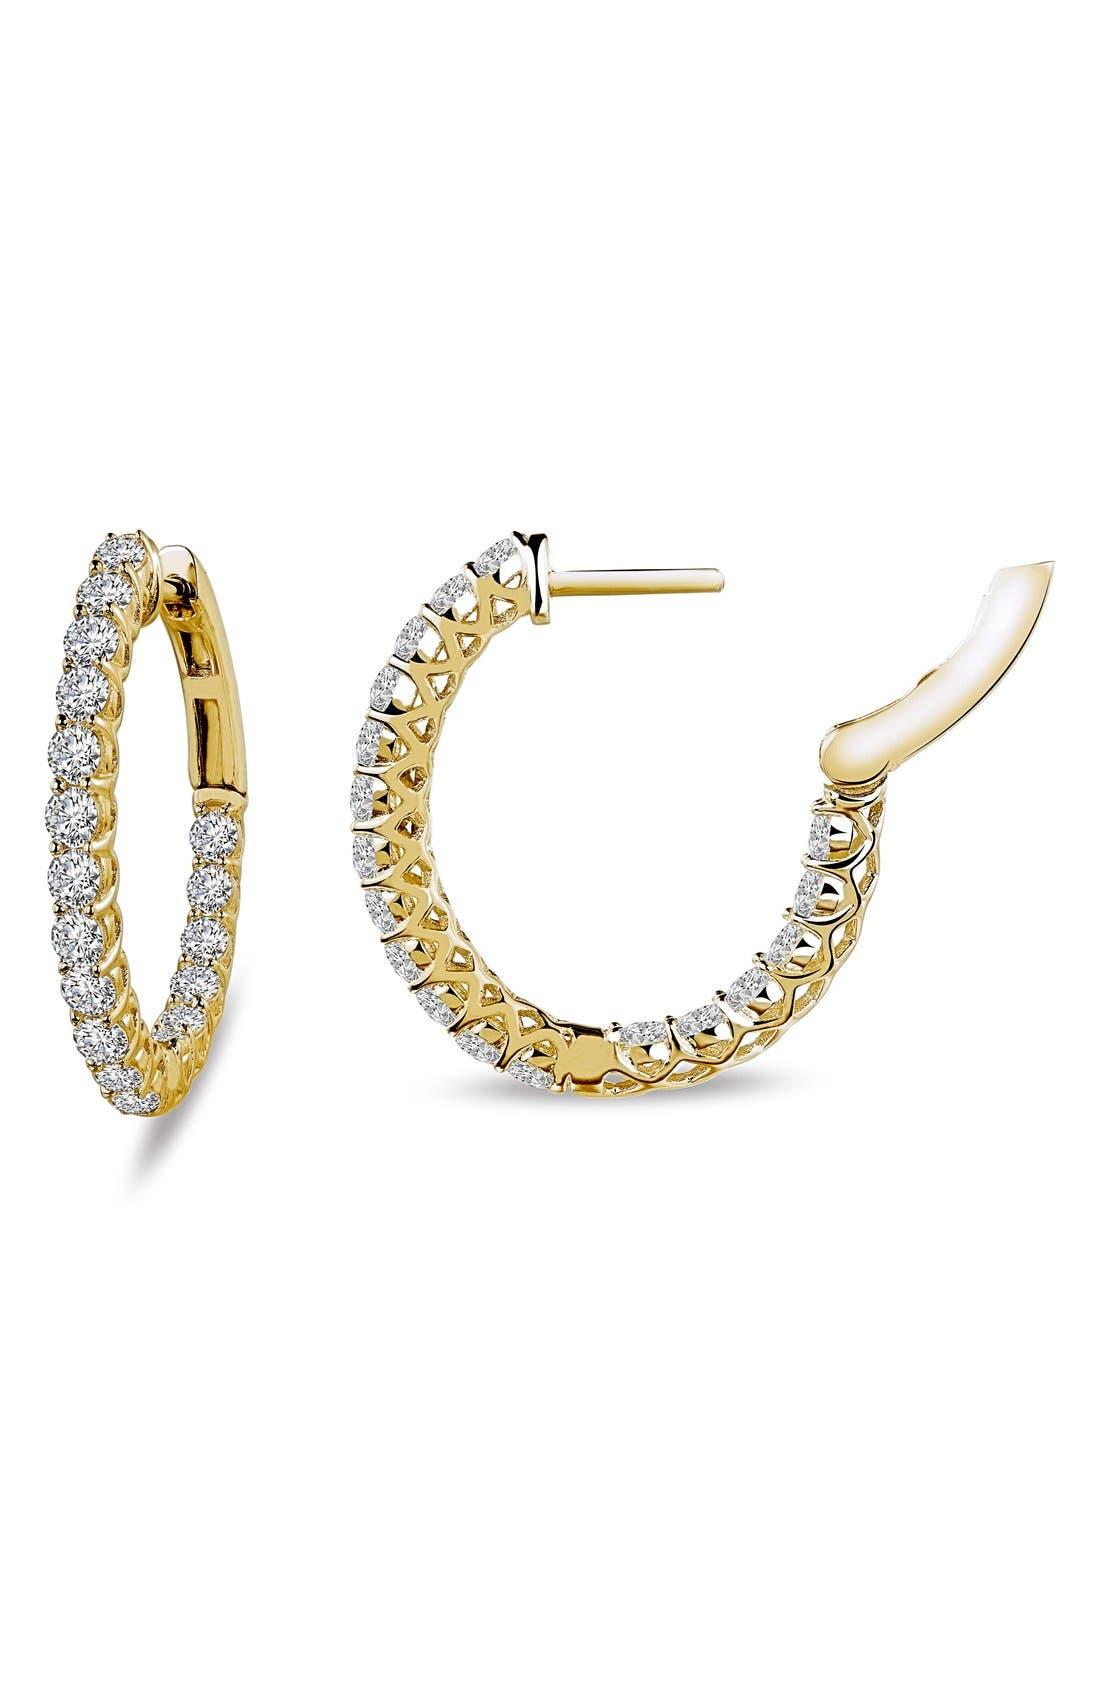 Lafonn 'Lassaire' Hoop Earrings